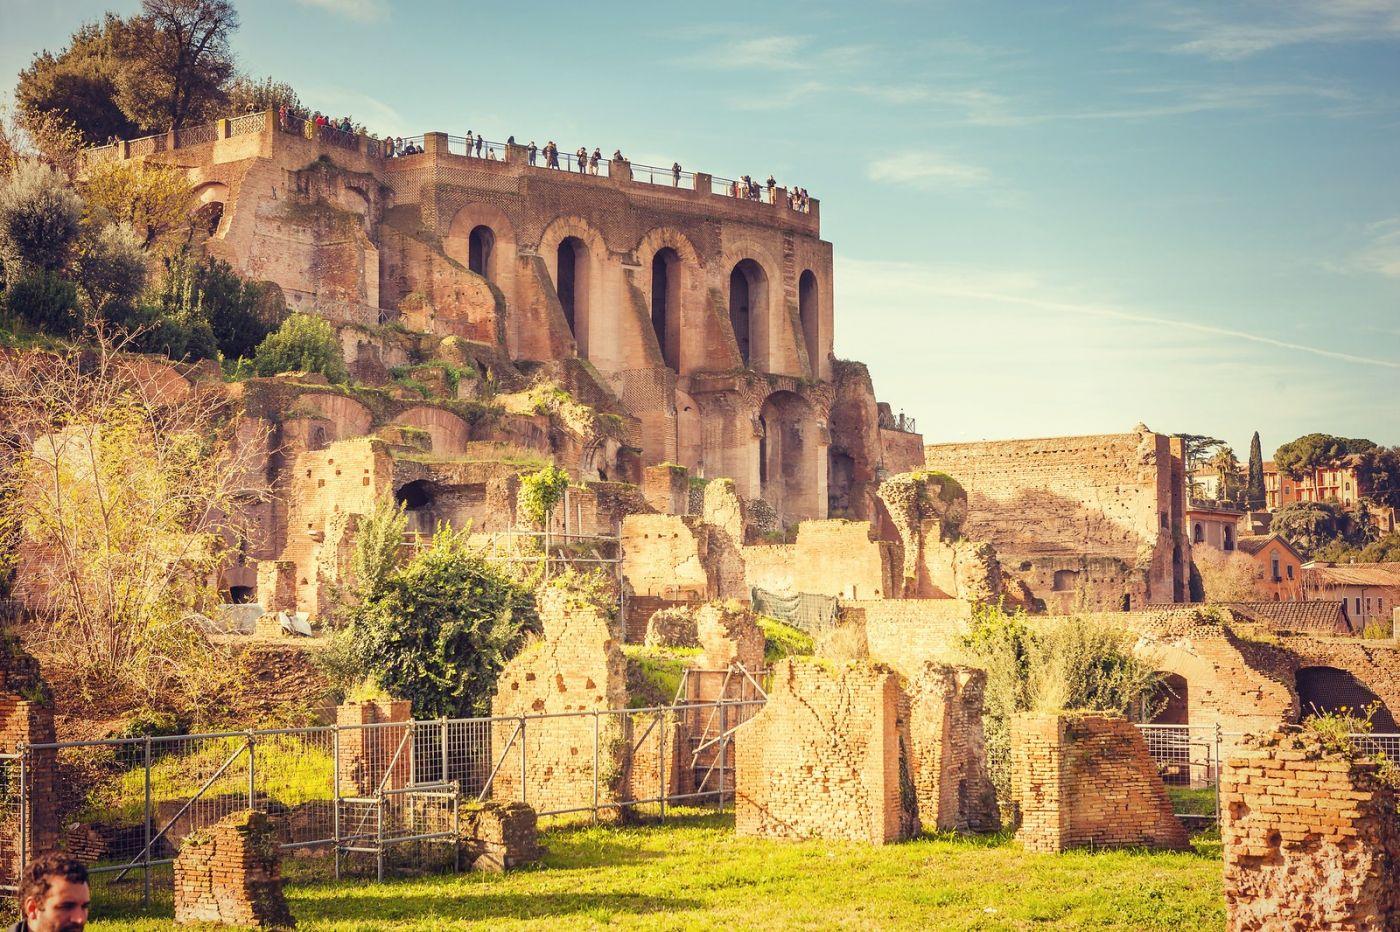 意大利罗马论坛,二千年的历史_图1-35